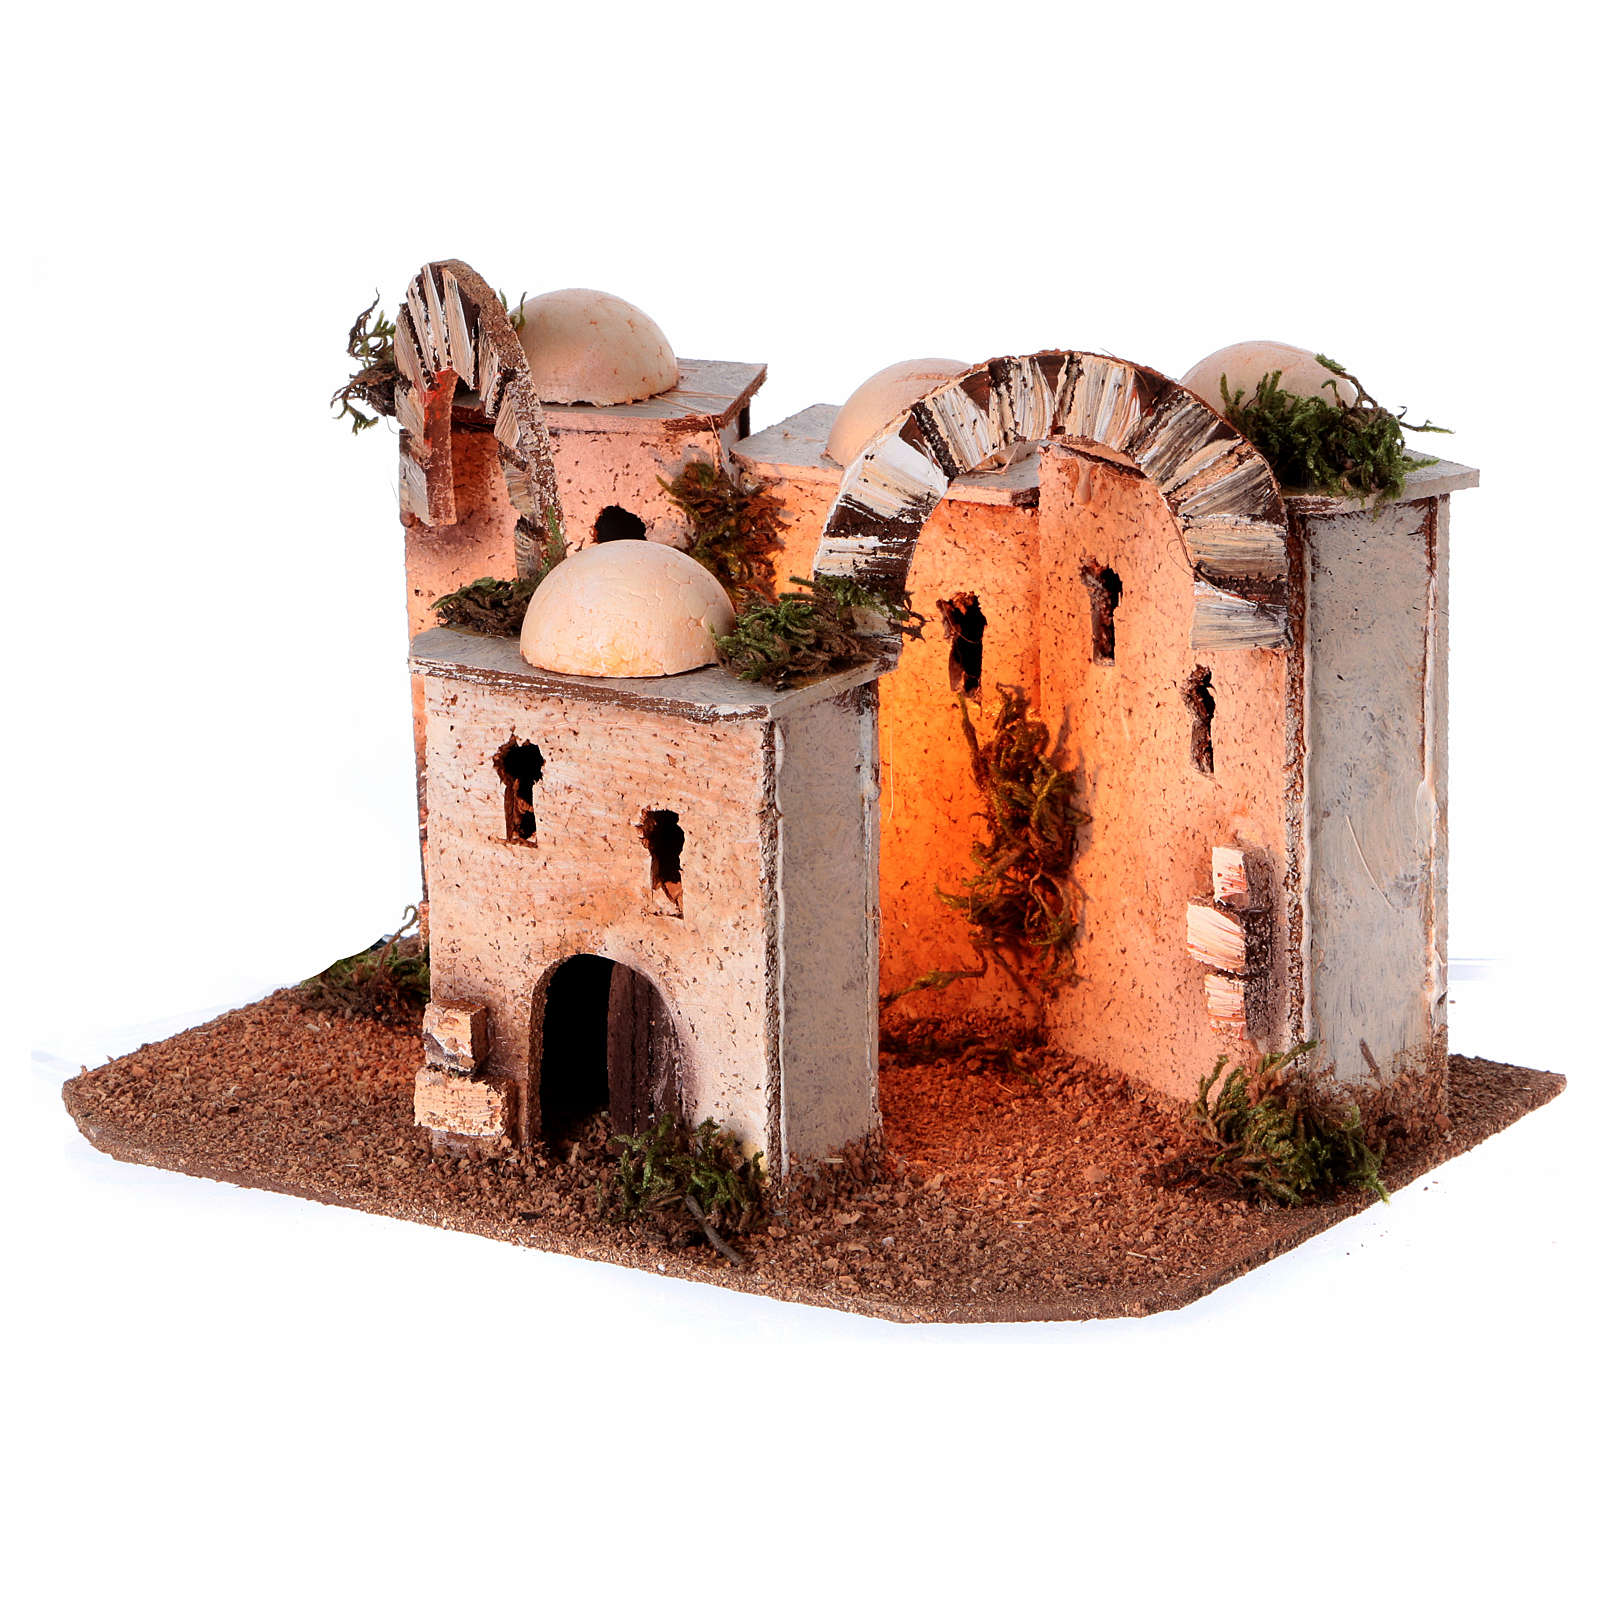 Maisons arabes en liège 20x25x10 cm avec luminaires alimentation électrique 4